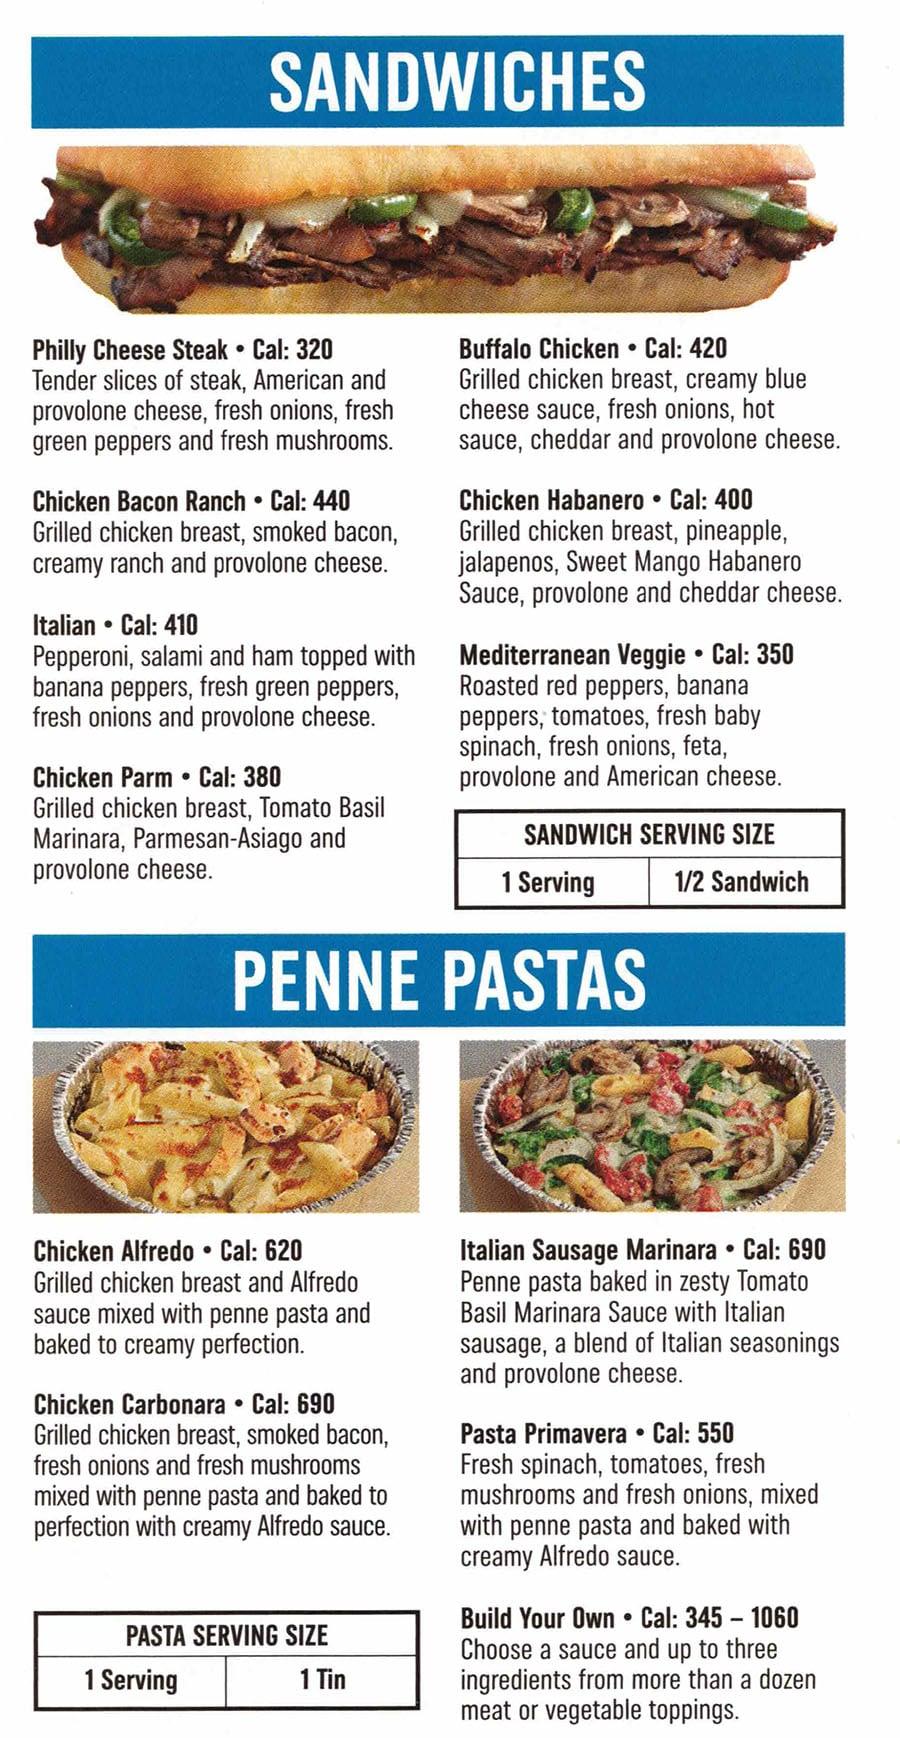 Domino's Pizza menu - sandwiches, penne pasta